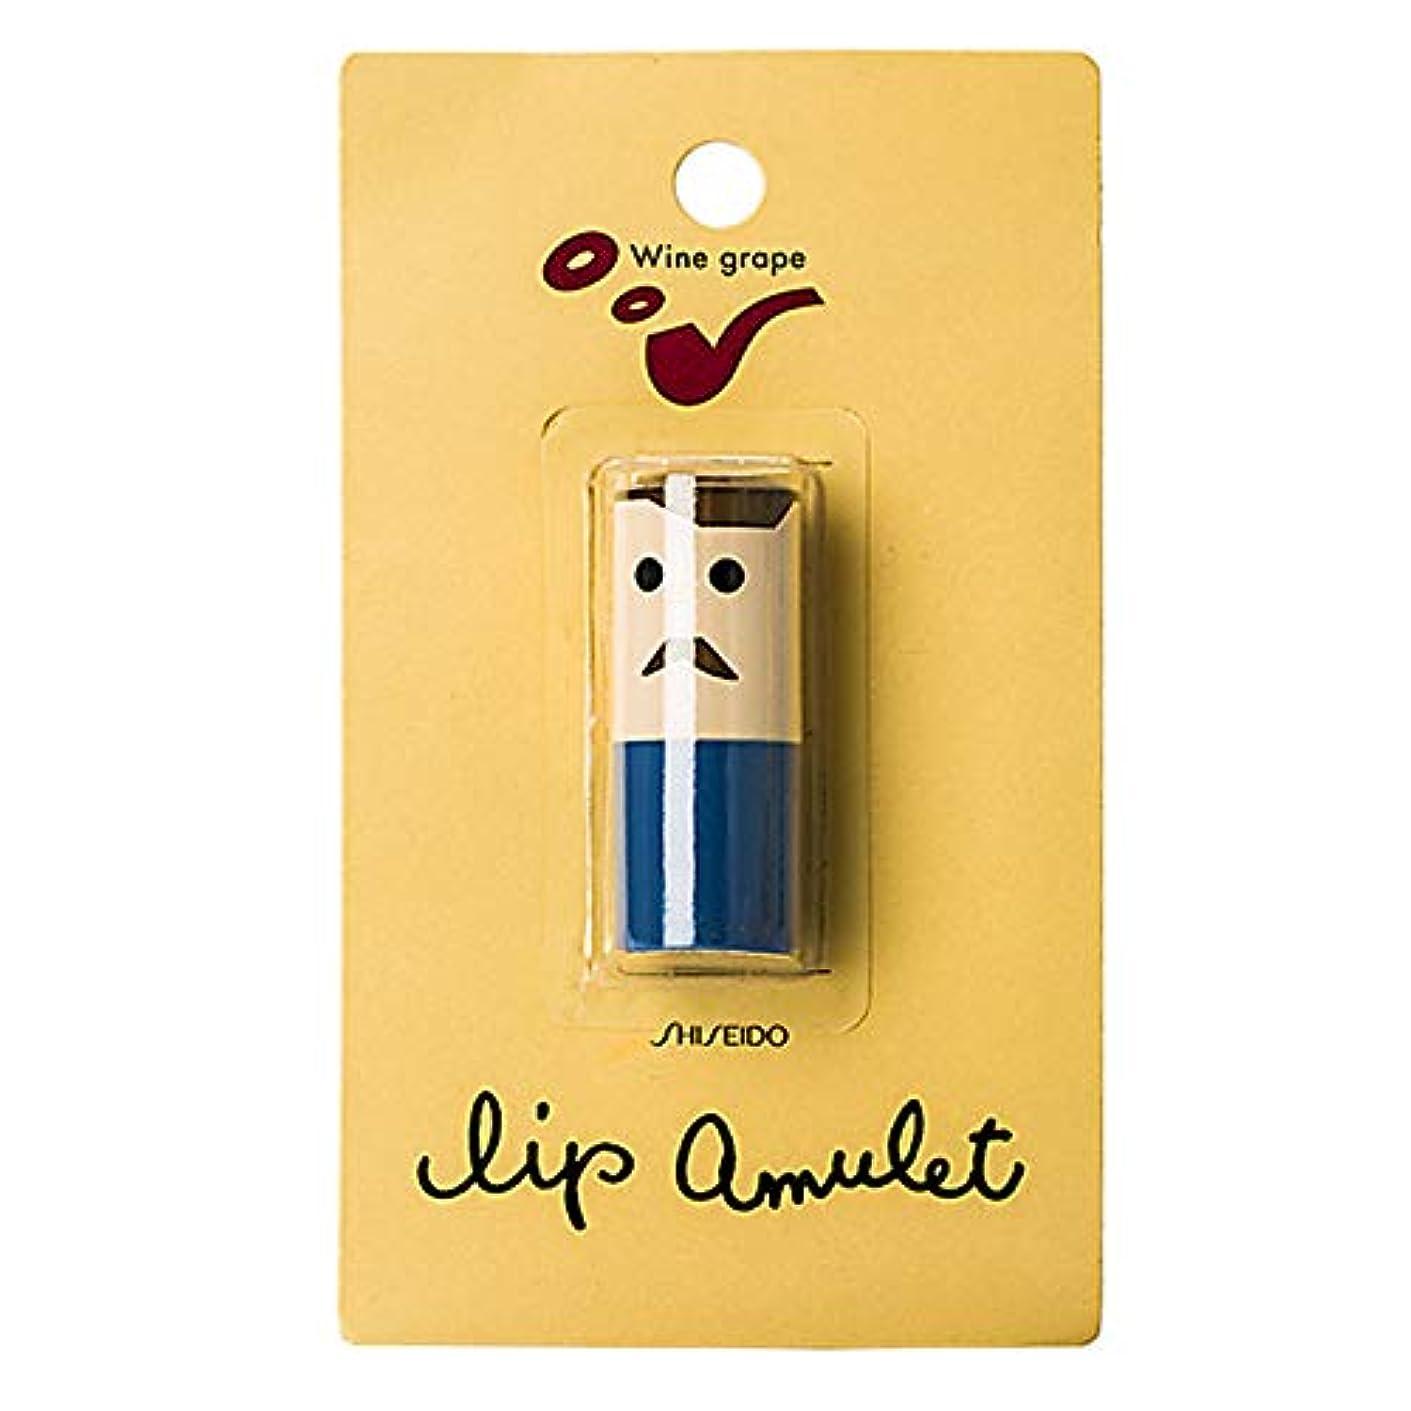 レルム盟主類人猿【台湾限定】資生堂 Shiseido リップアミュレット Lip Amulet お土産 コスメ 色つきリップ 単品 葡萄酒紅 (ワイングレープ) [並行輸入品]